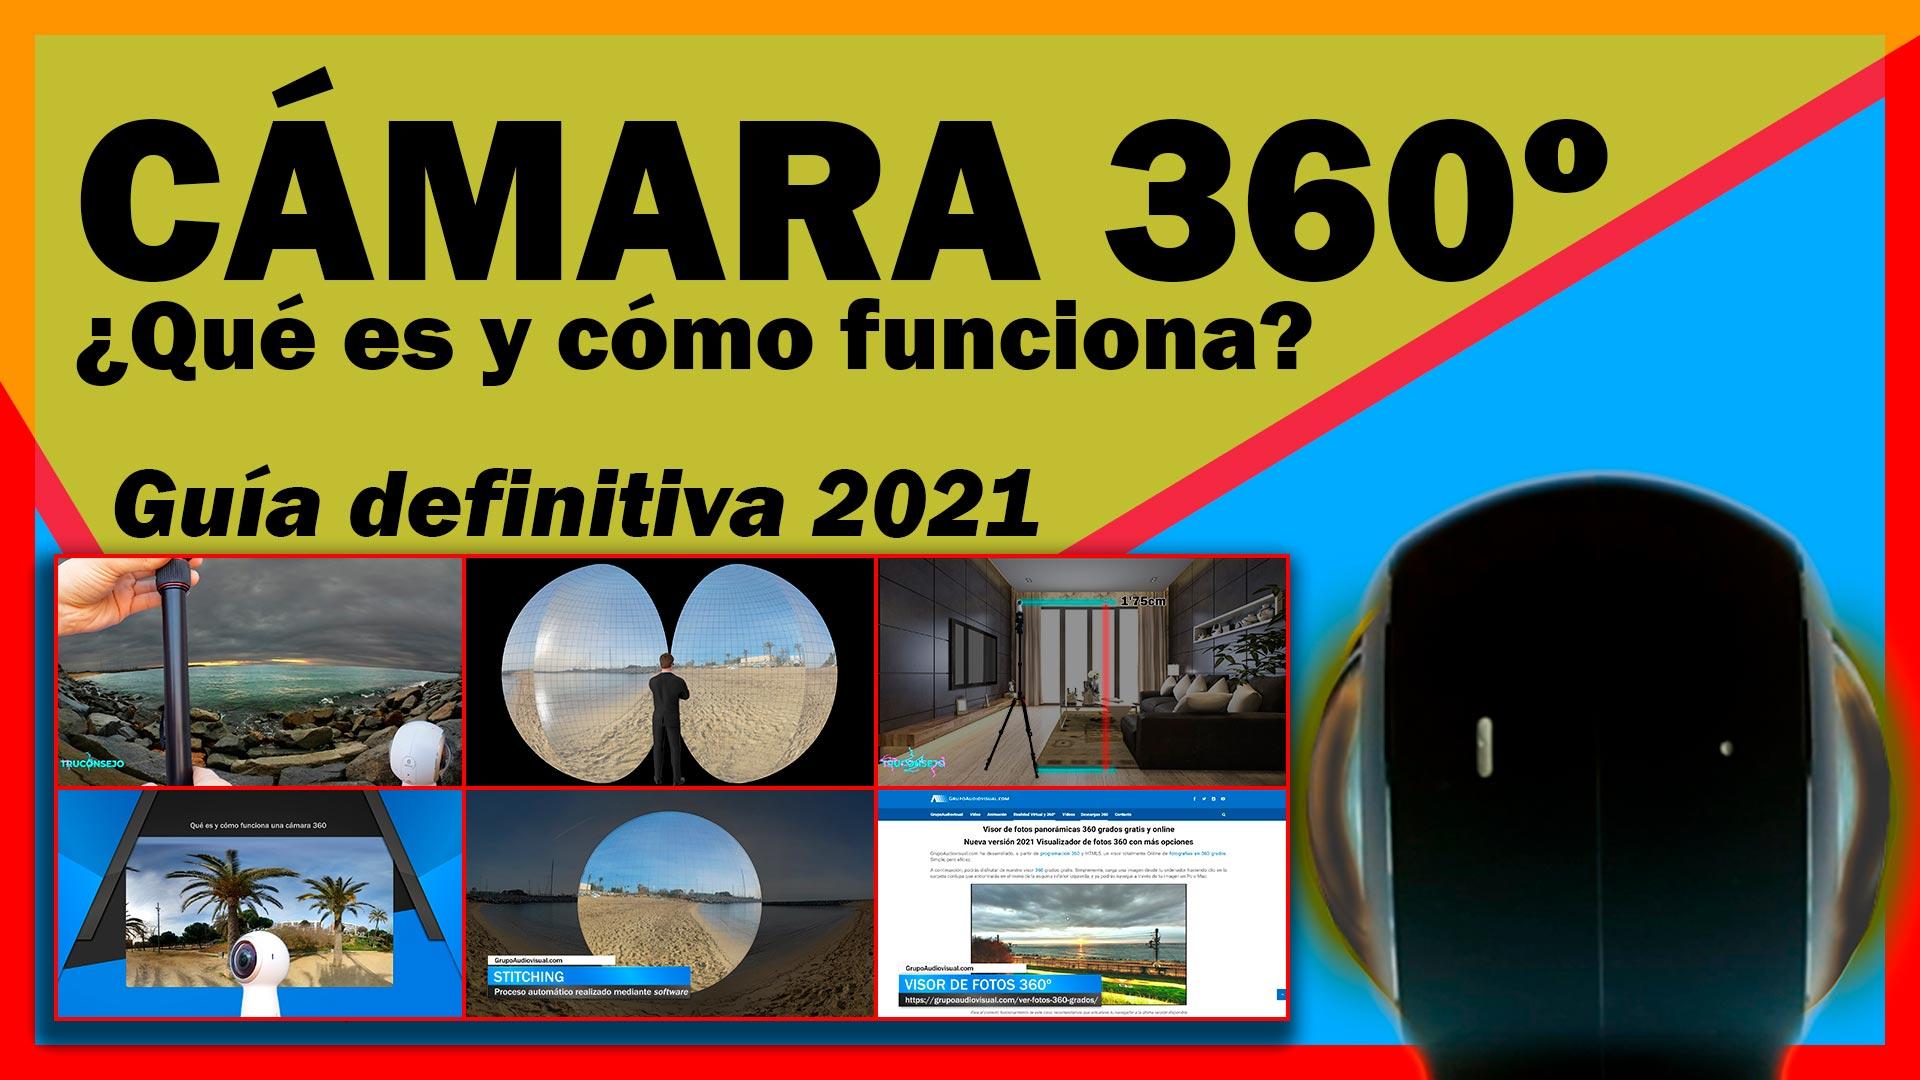 CÁMARA 360 ¿Qué es y cómo funciona una CÁMARA 360 grados?